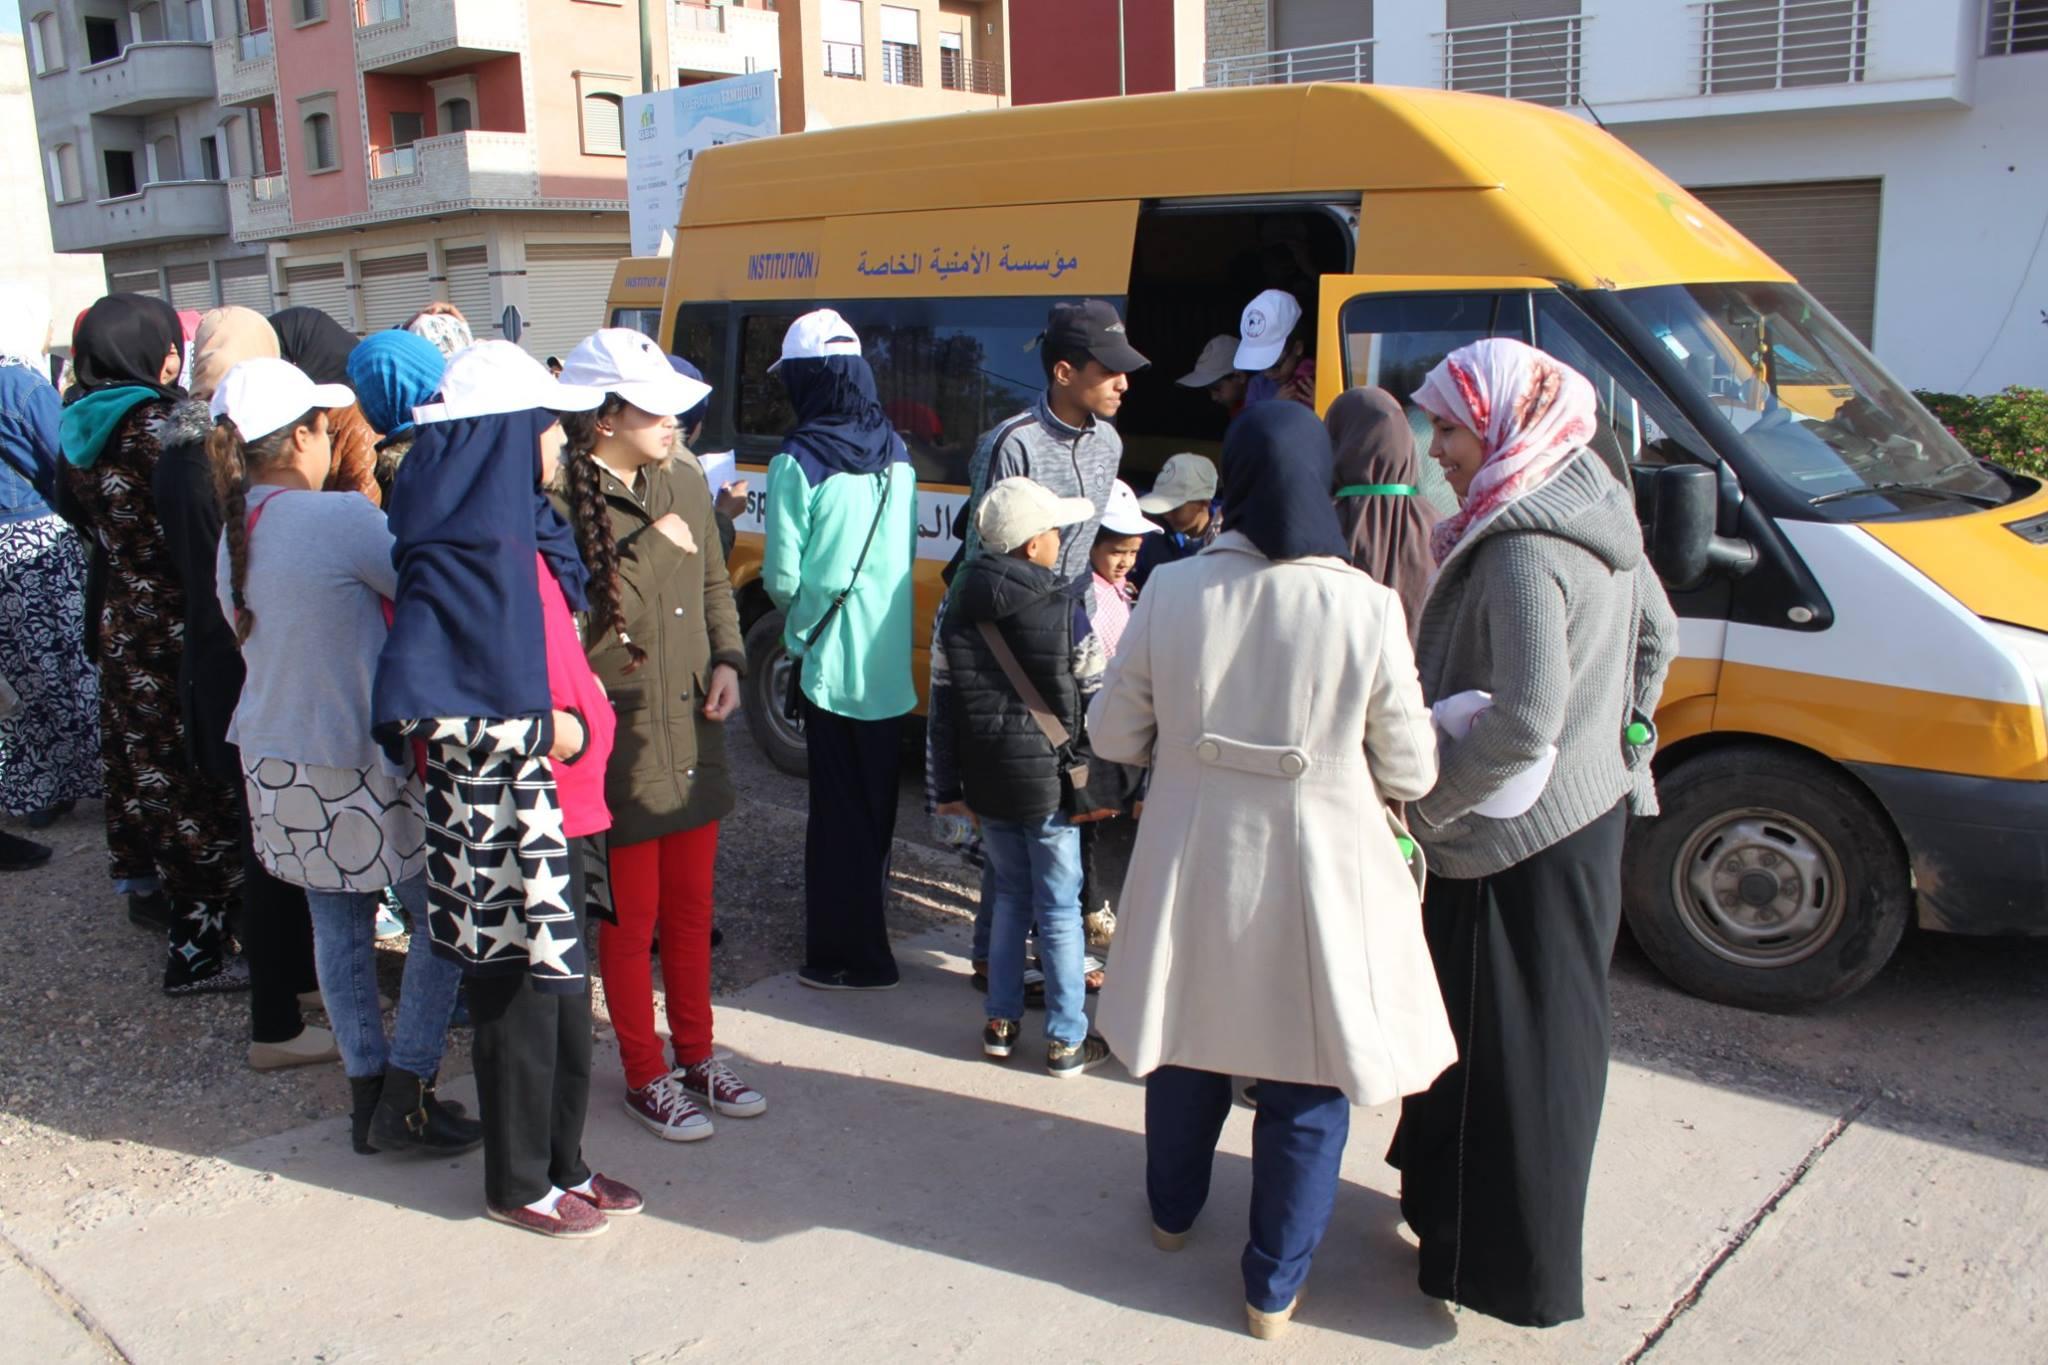 800 يتيم يستفيدون من قافلة طب الأسنان بأكادير من بينهم أيتام جمعية الحنان لرعاية الأيتام